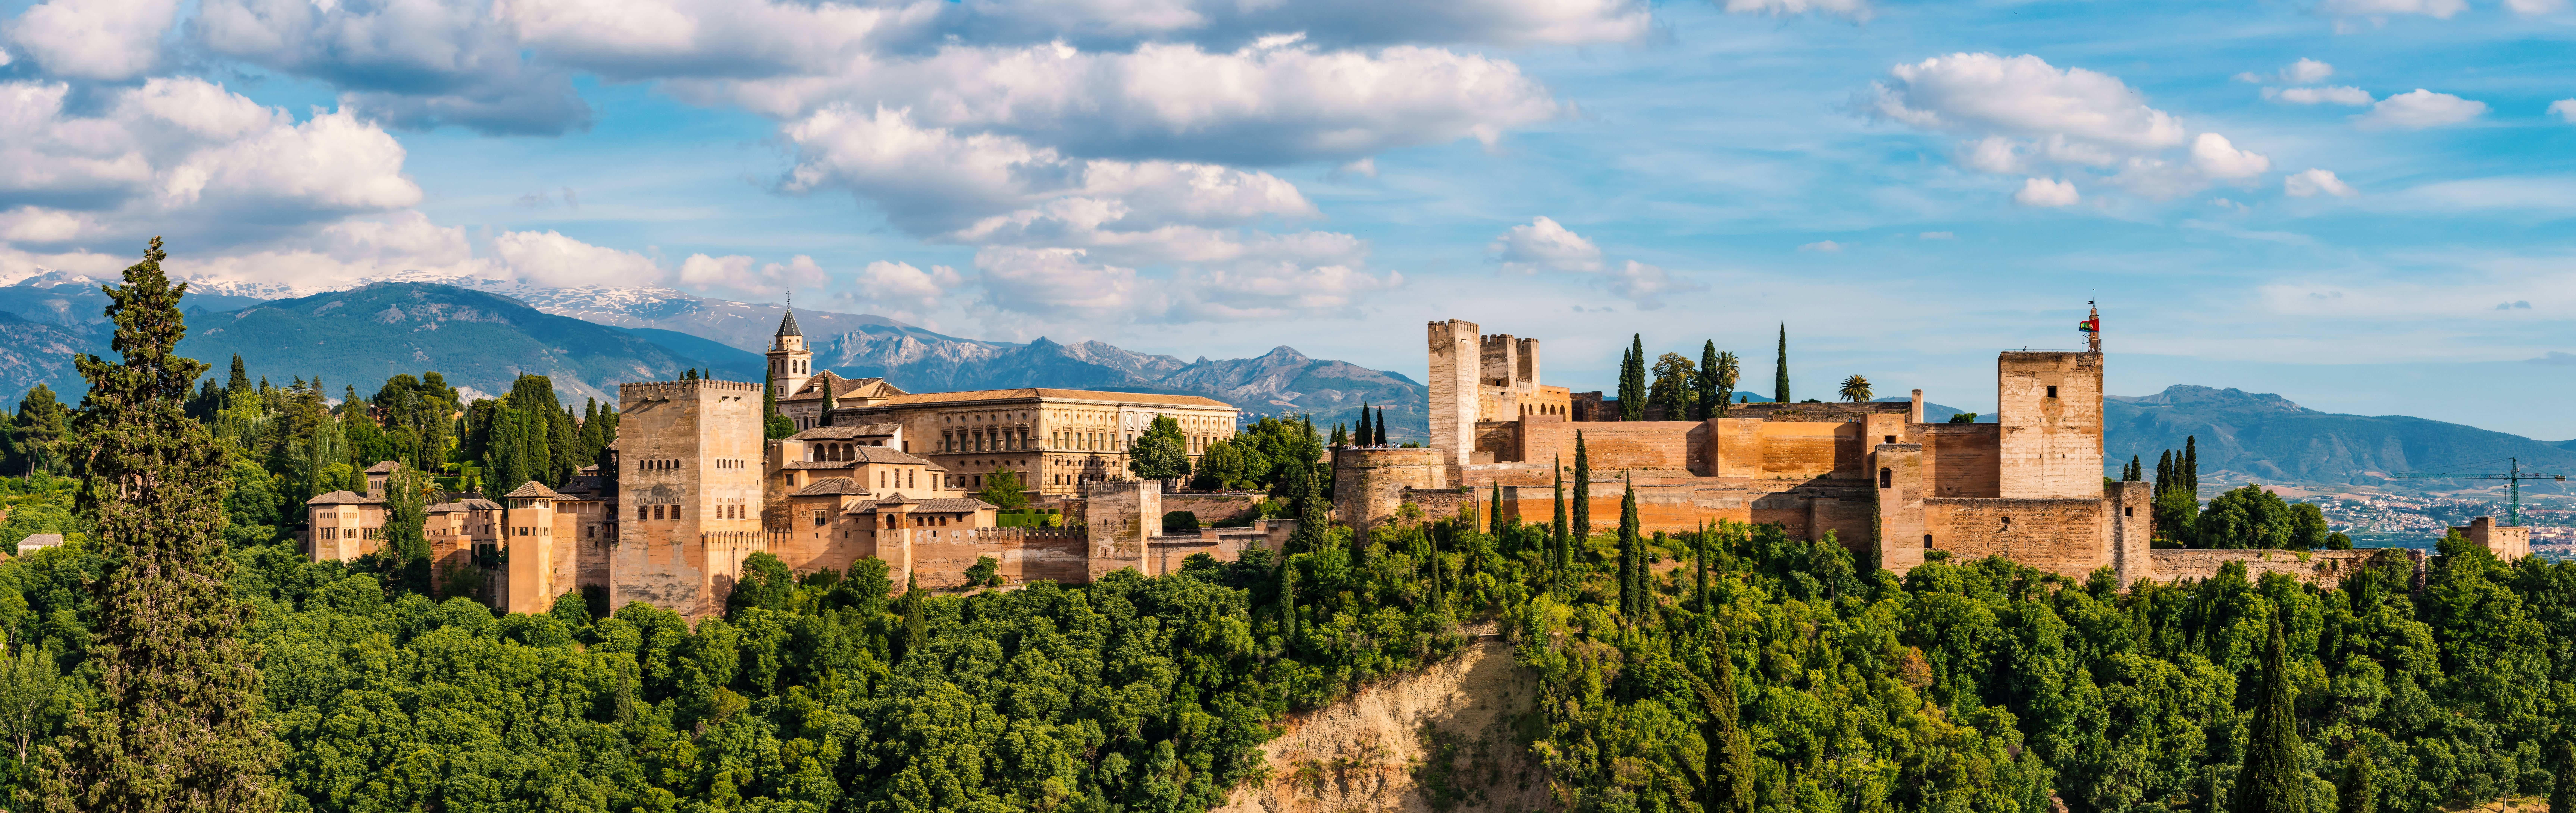 alhambra_panorama